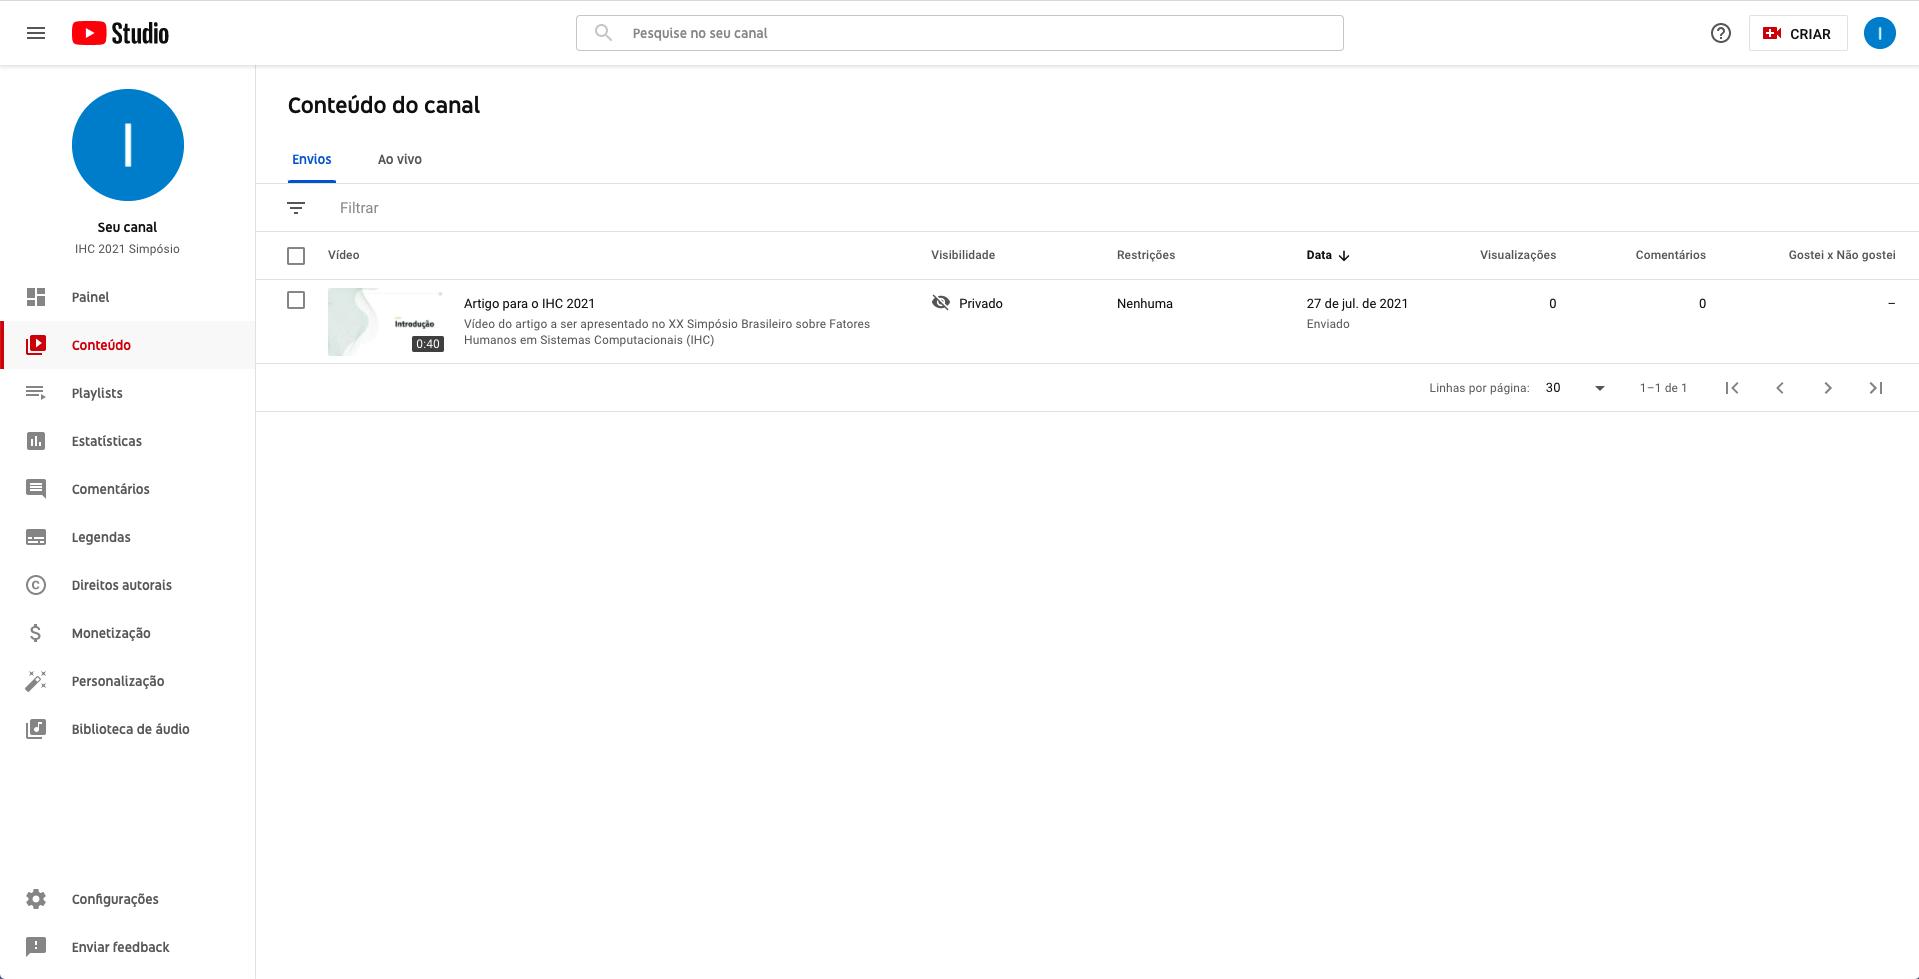 Captura de tela do YouTube Studio. Página de conteúdo do canal, com um único vídeo intitulado 'Artigo para o IHC 2021' listado no centro da tela